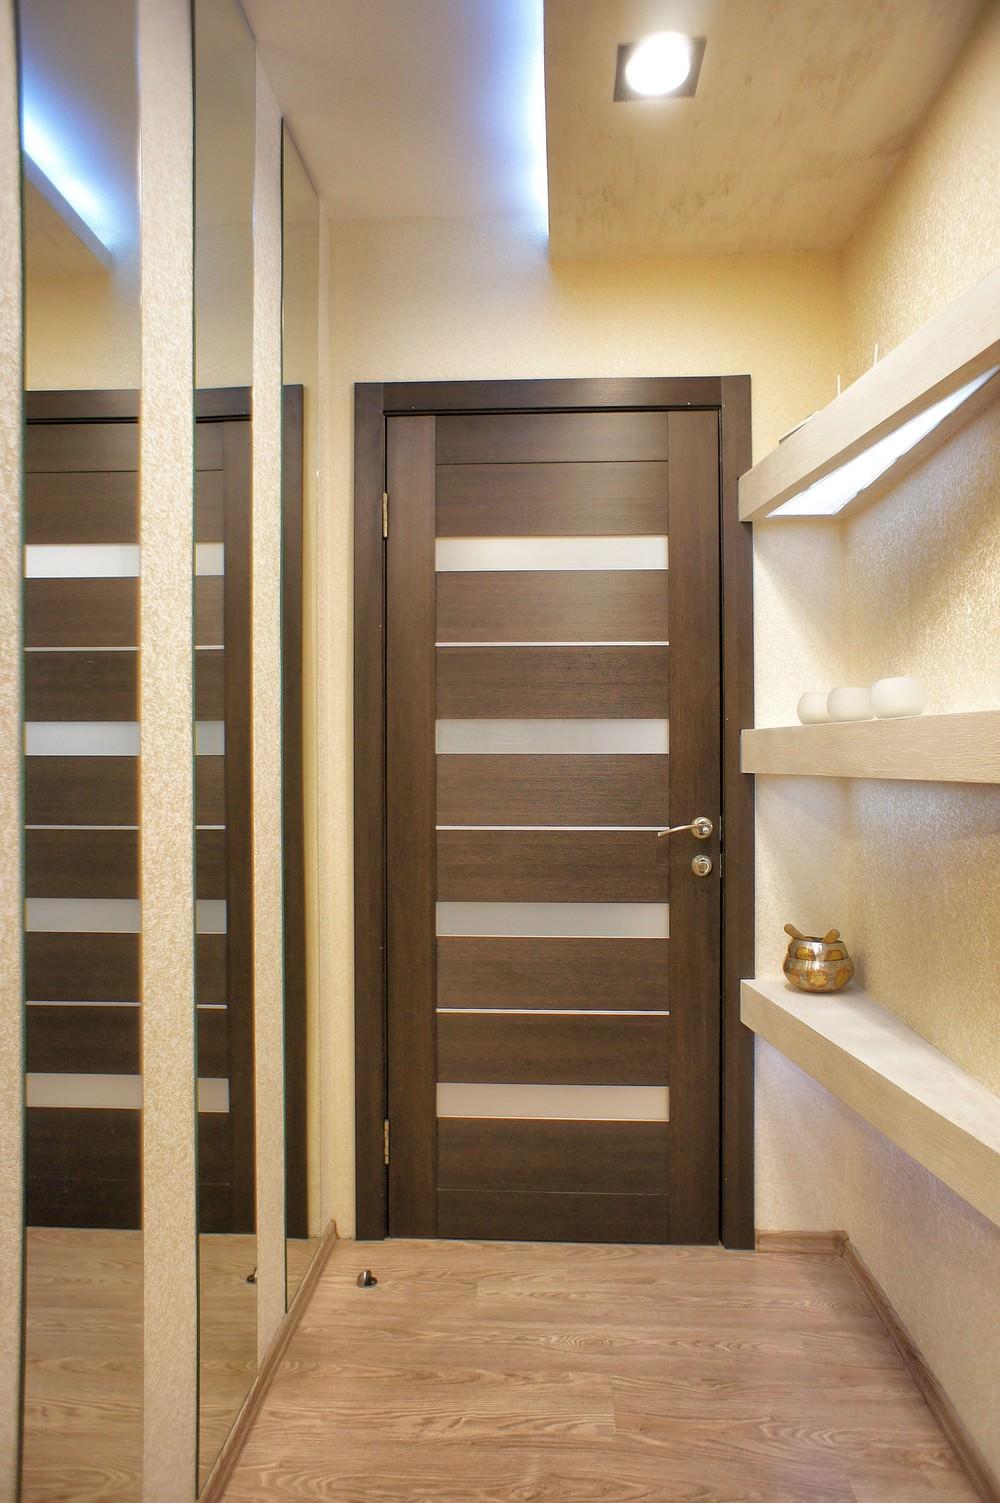 apartament-s-moderen-dizain-i-dinamichno-led-osvetlenie-7g